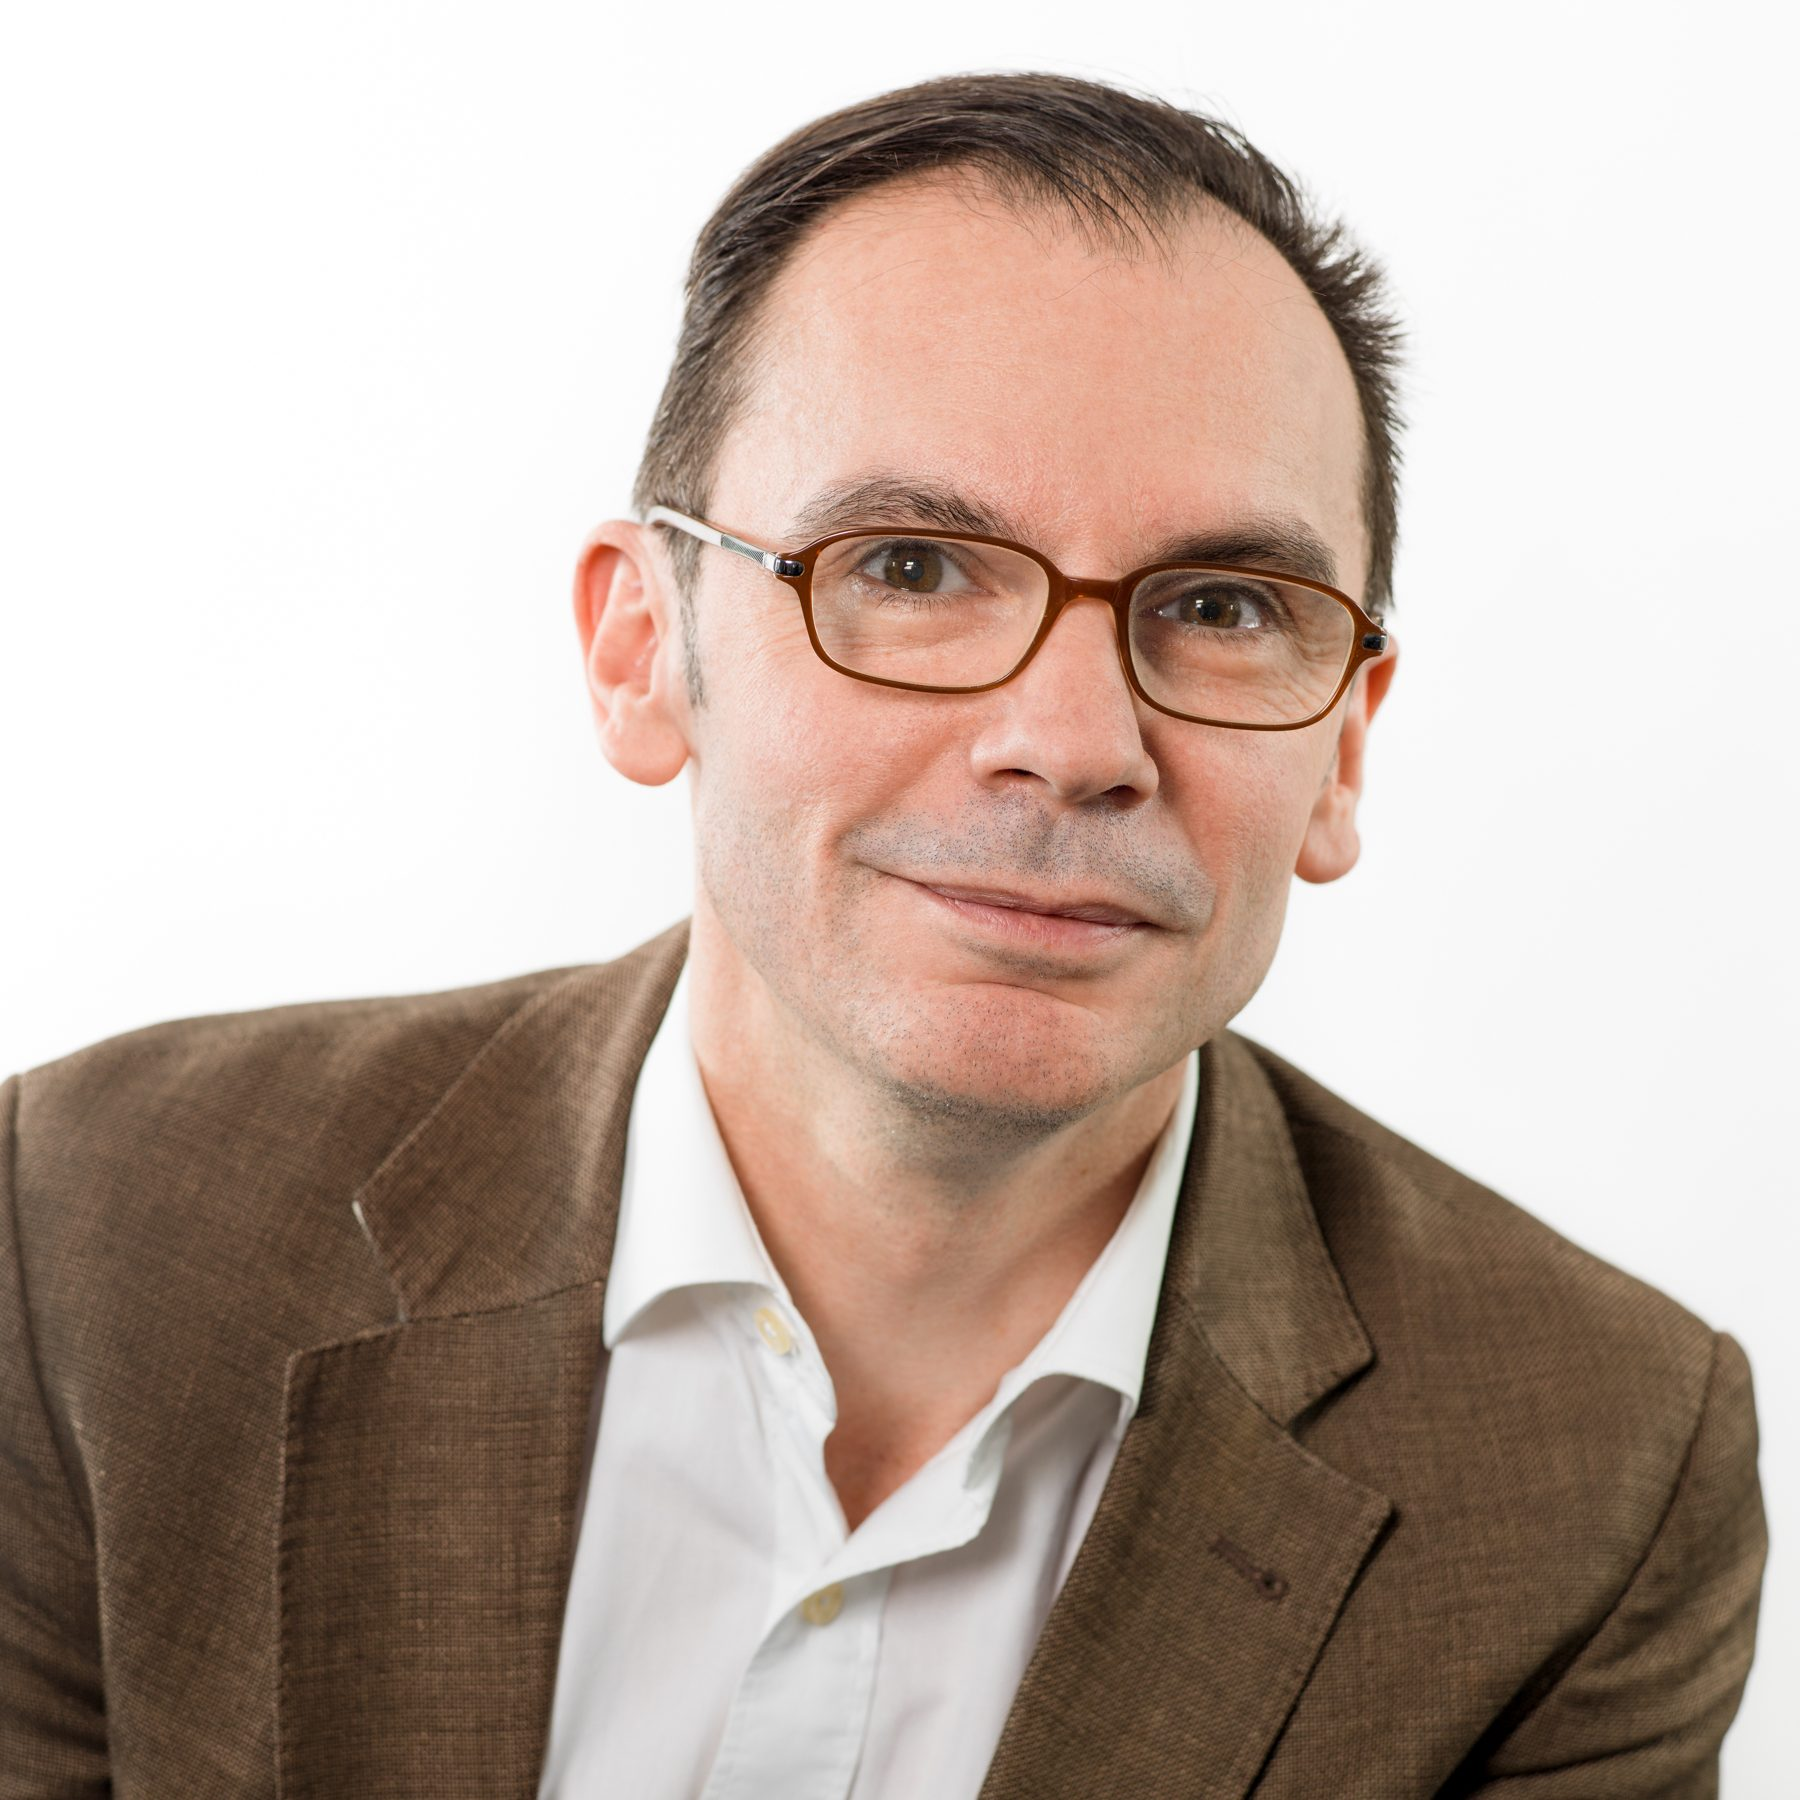 Pierre Chavonnet